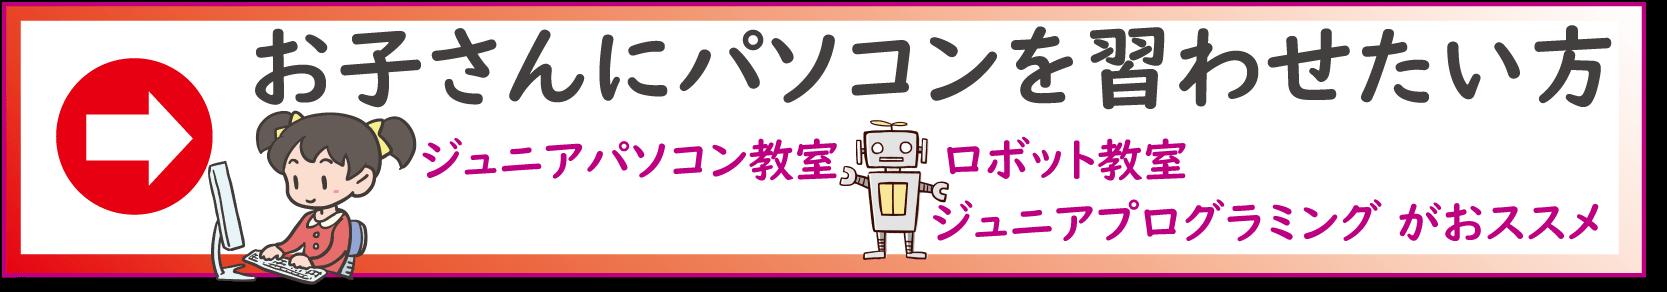 お子さんにパソコンを習わせたい方:ジュニアパソコン・ジュニアプログラミング・ロボット教室